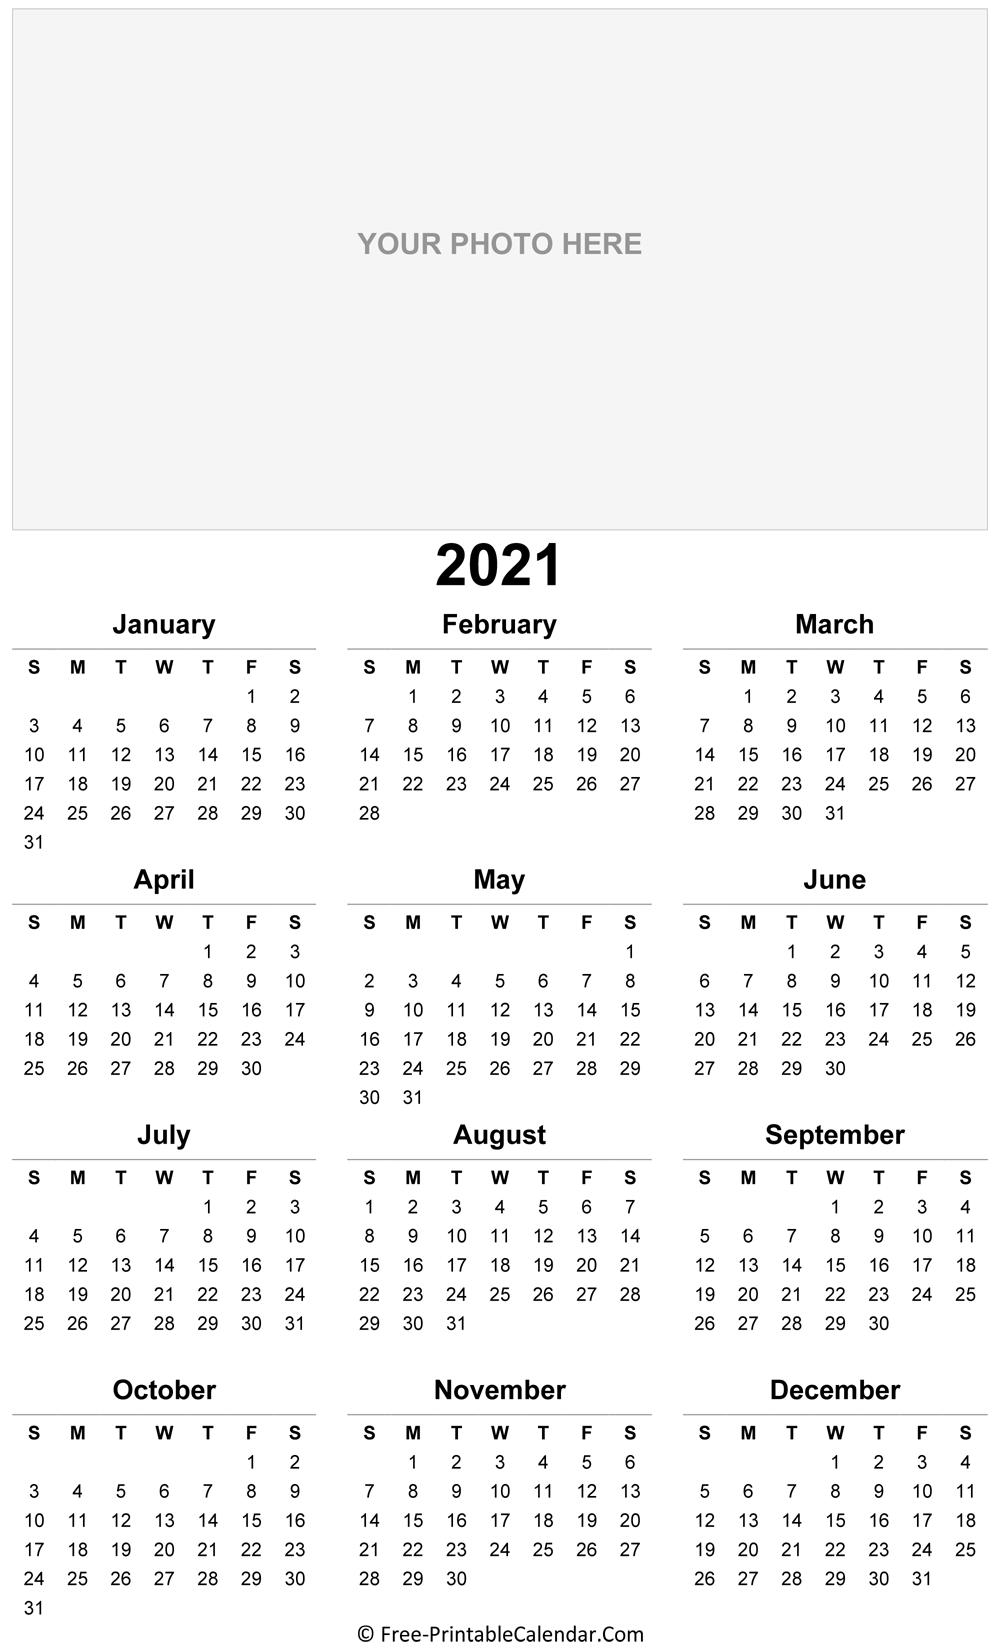 2021 Photo Calendar Templates